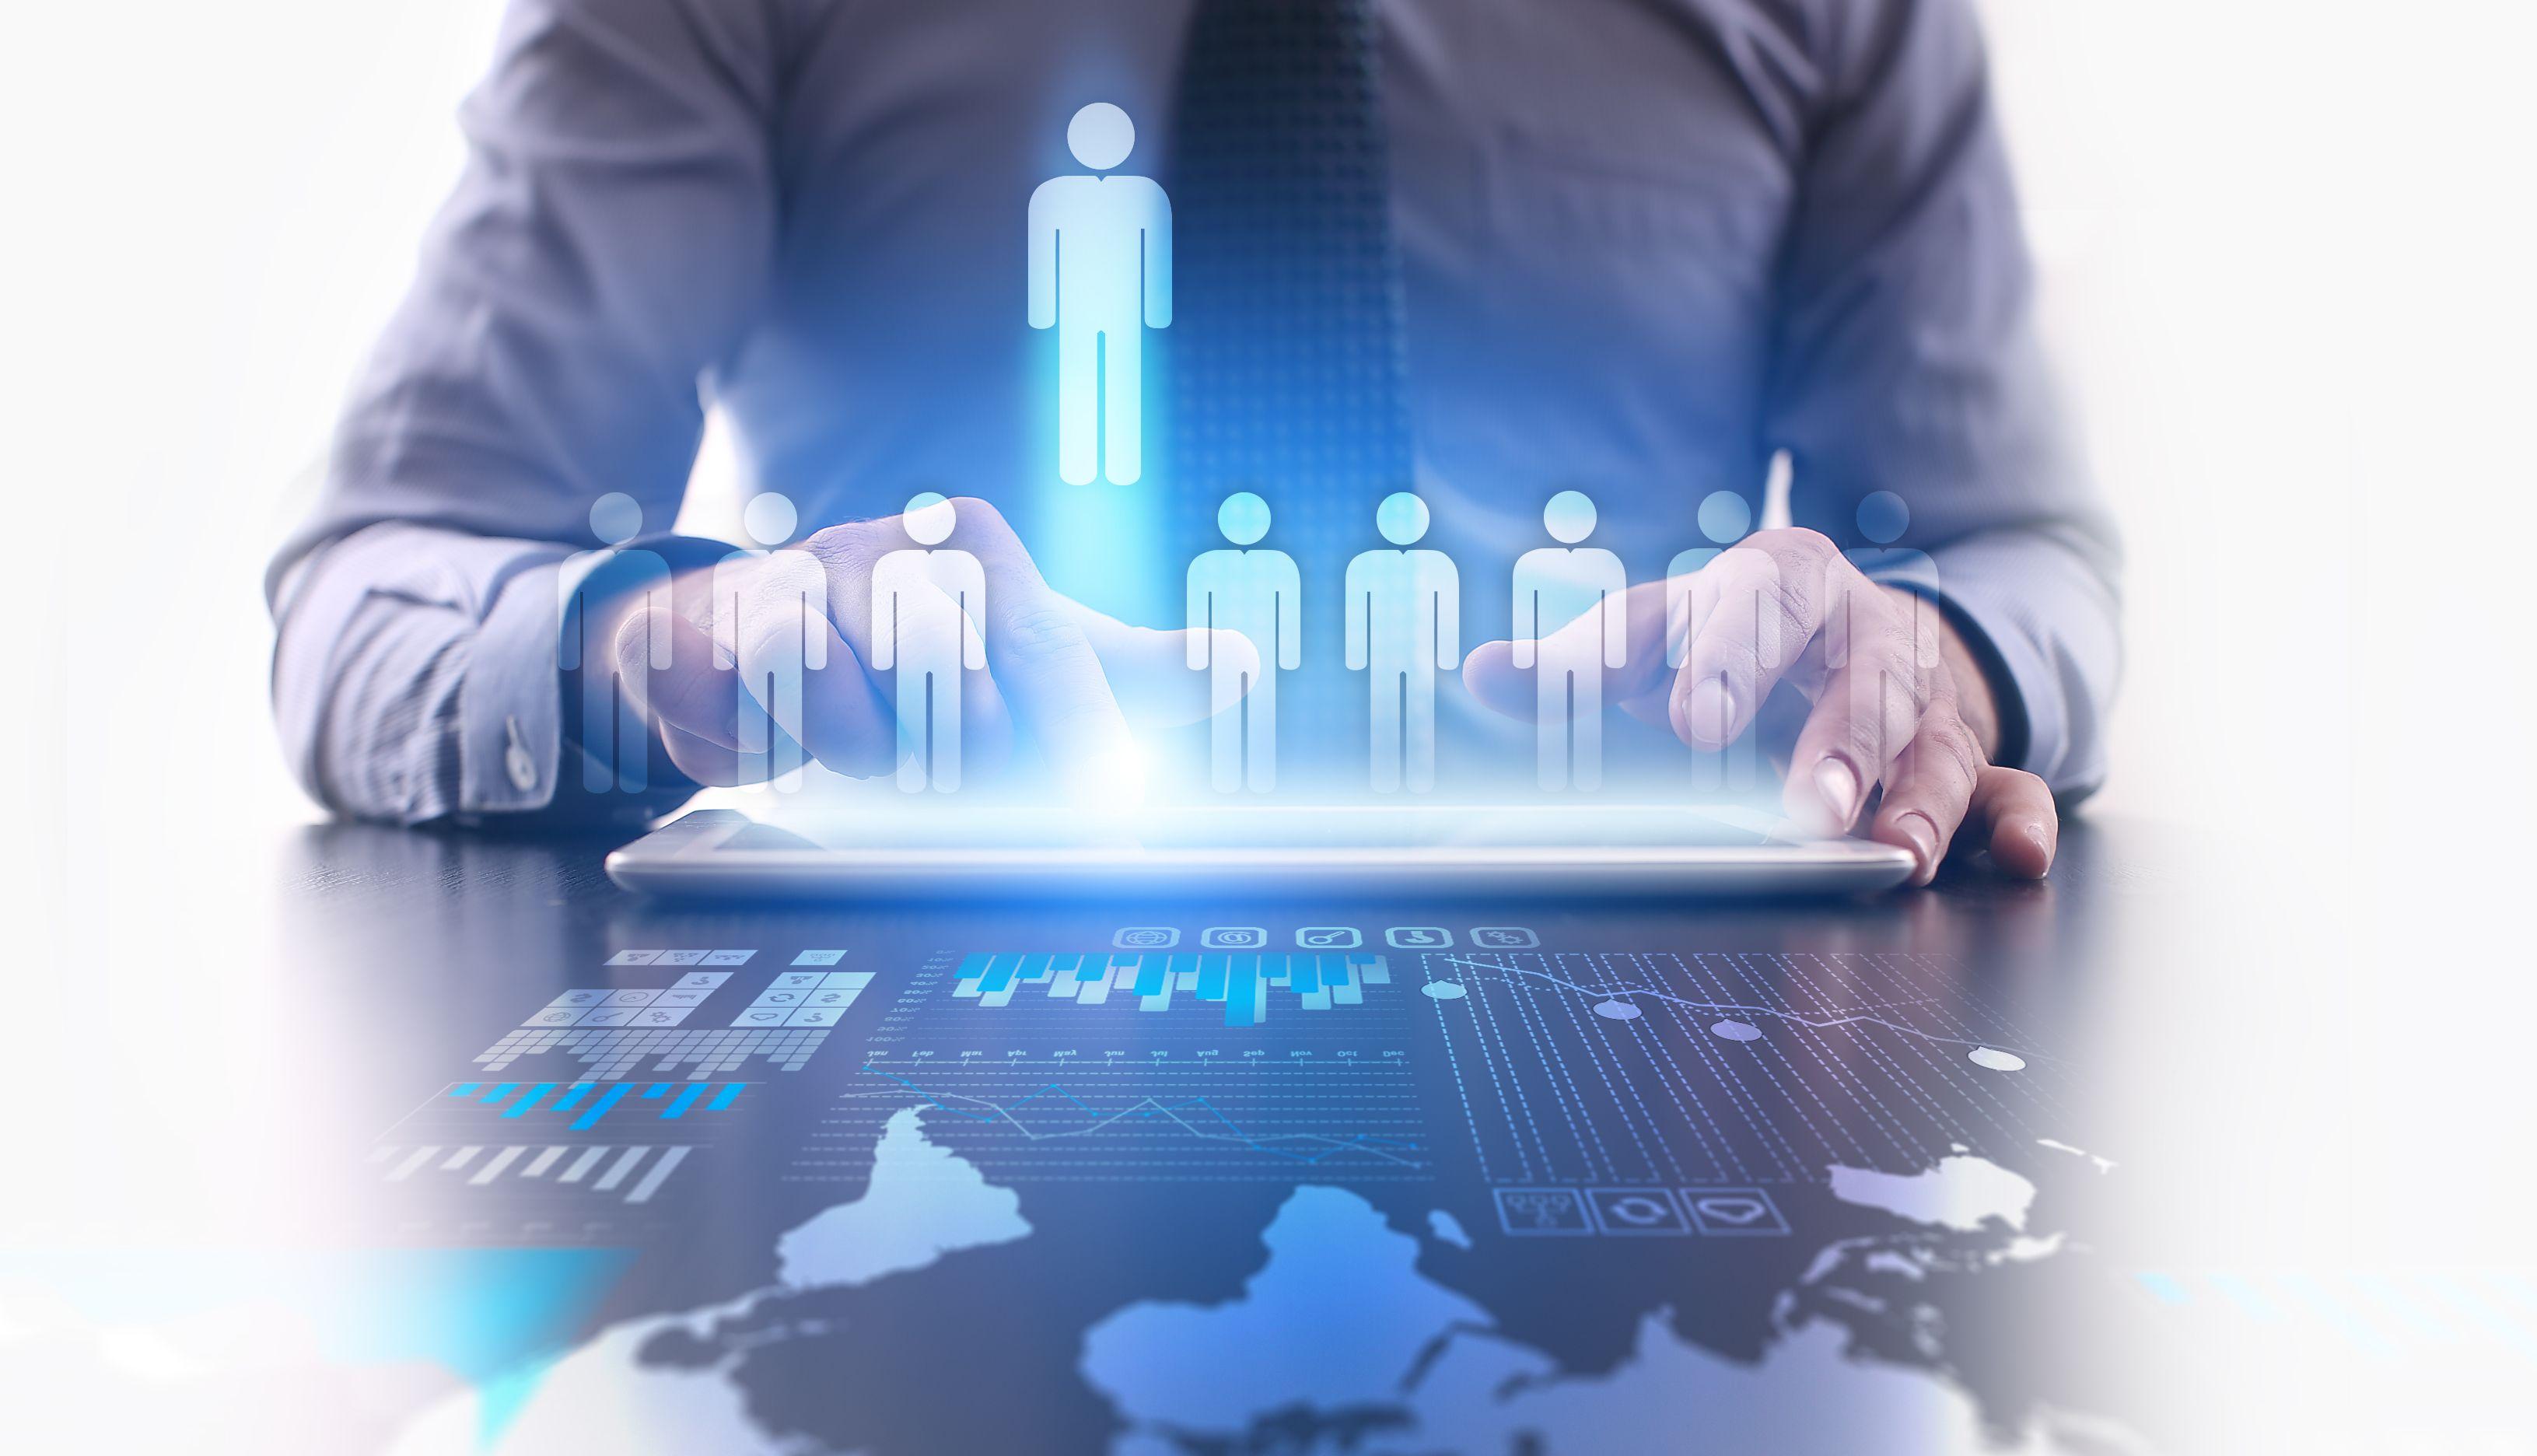 Scenariusz, w którym rynek będzie przesycony wykwalifikowanymi pracownikami może doprowadzić do silnej rywalizacji o ograniczoną liczbę miejsc pracy (Fot. Shutterstock)